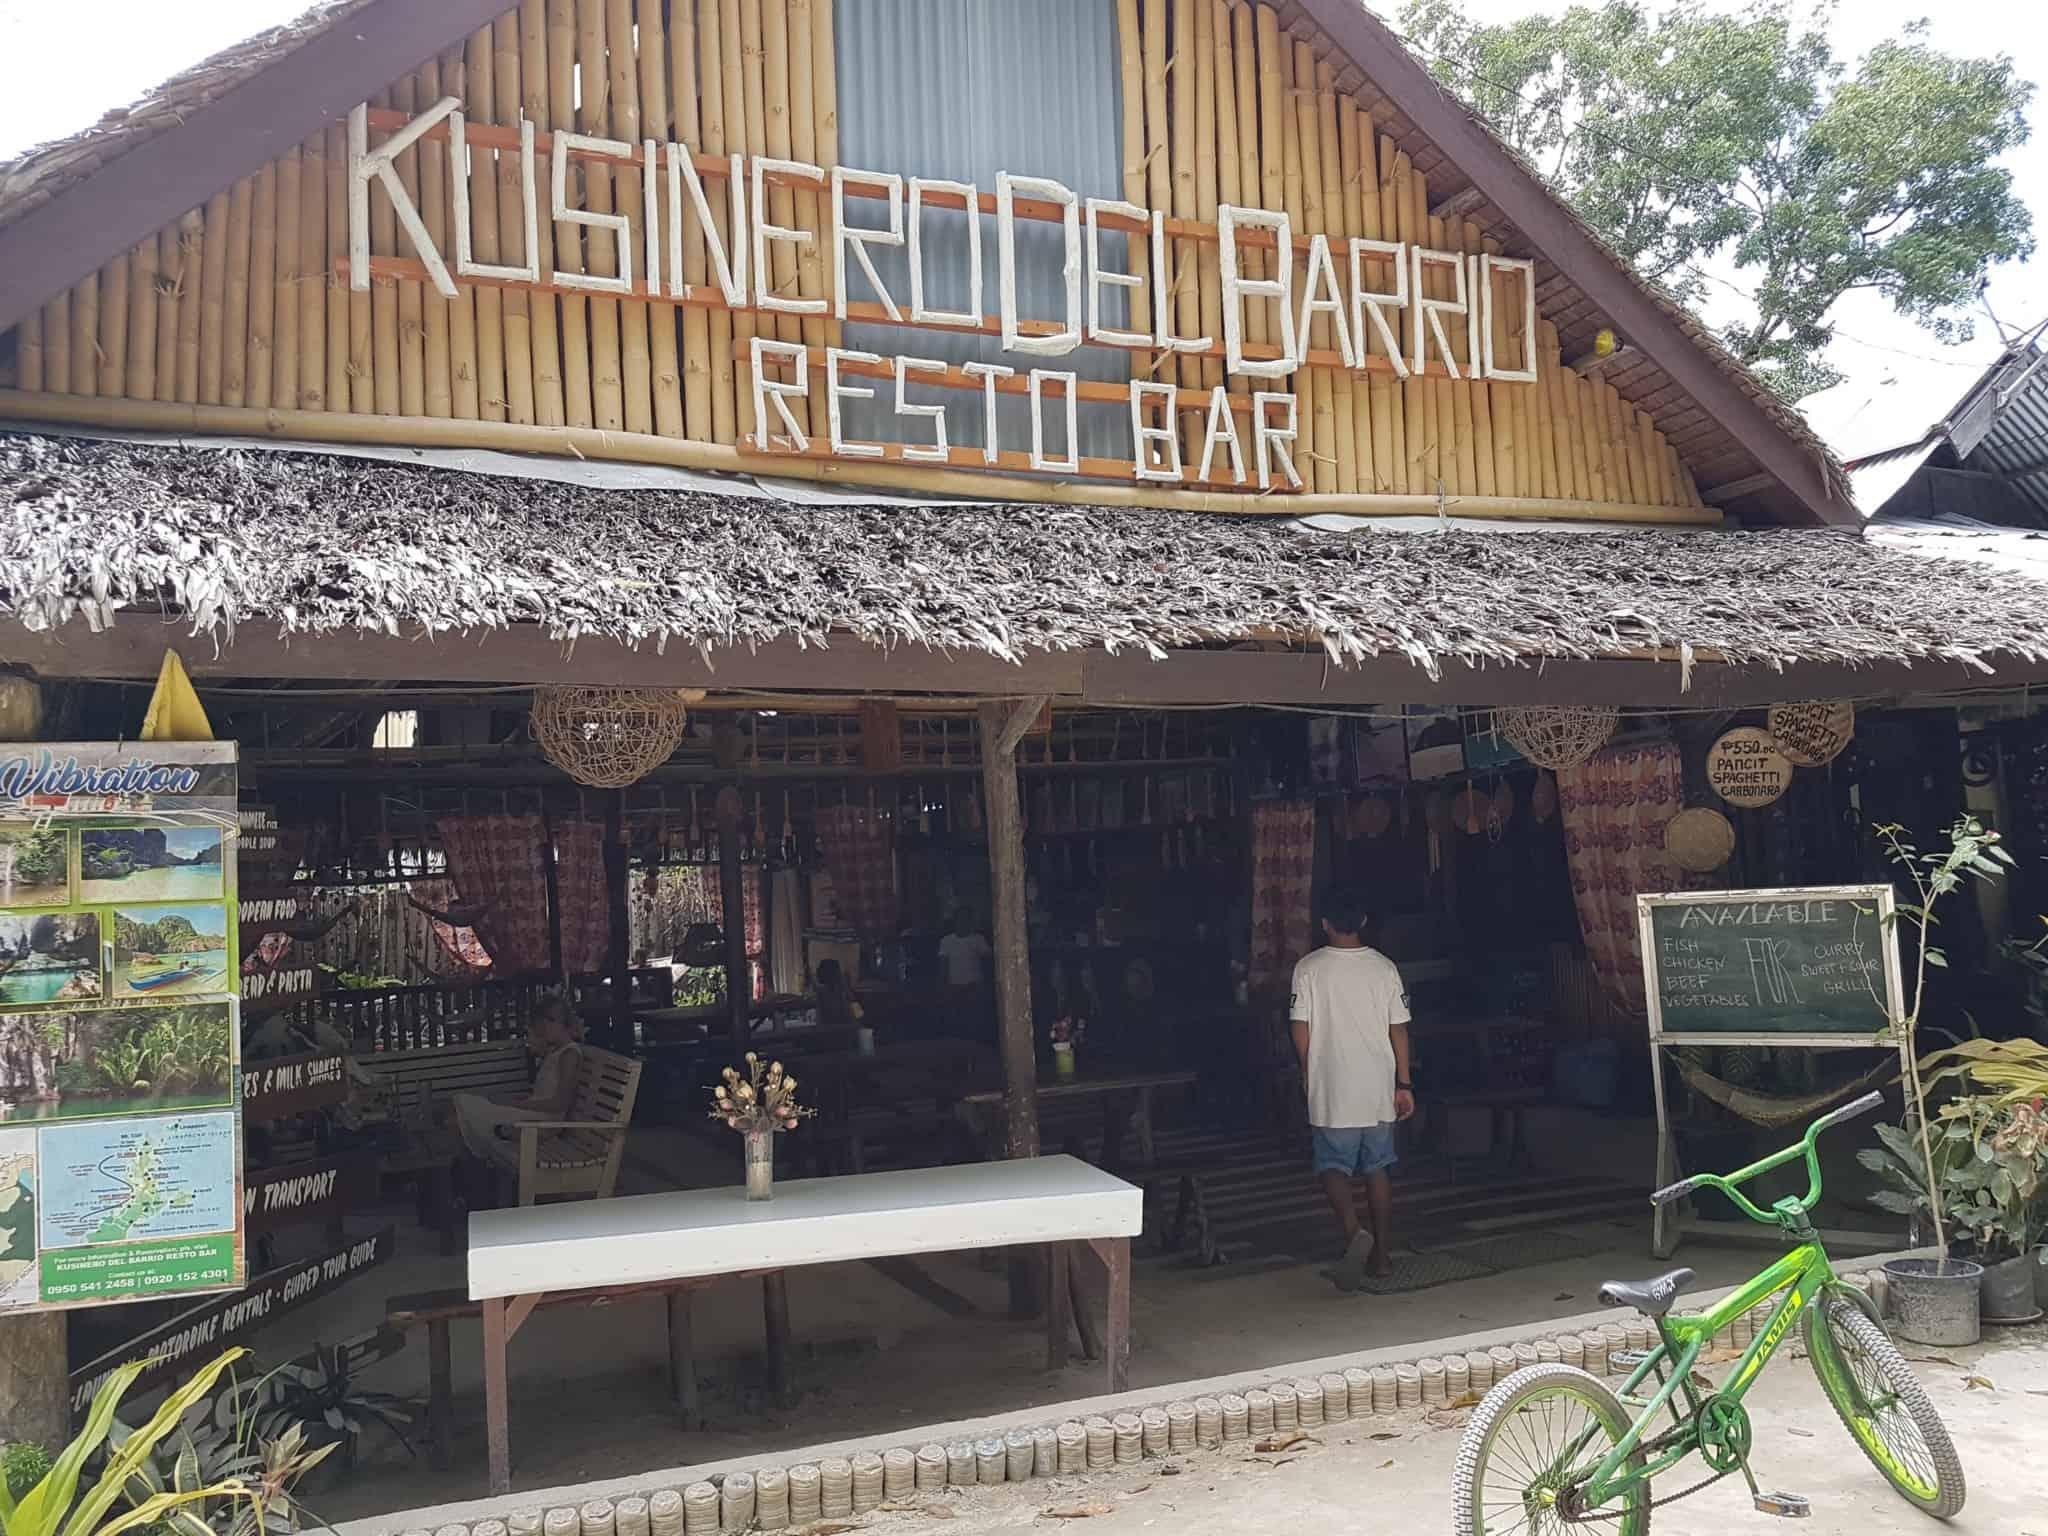 Philippines, comment je me suis retrouvée seule sur une île déserte 🧜♀️ 6